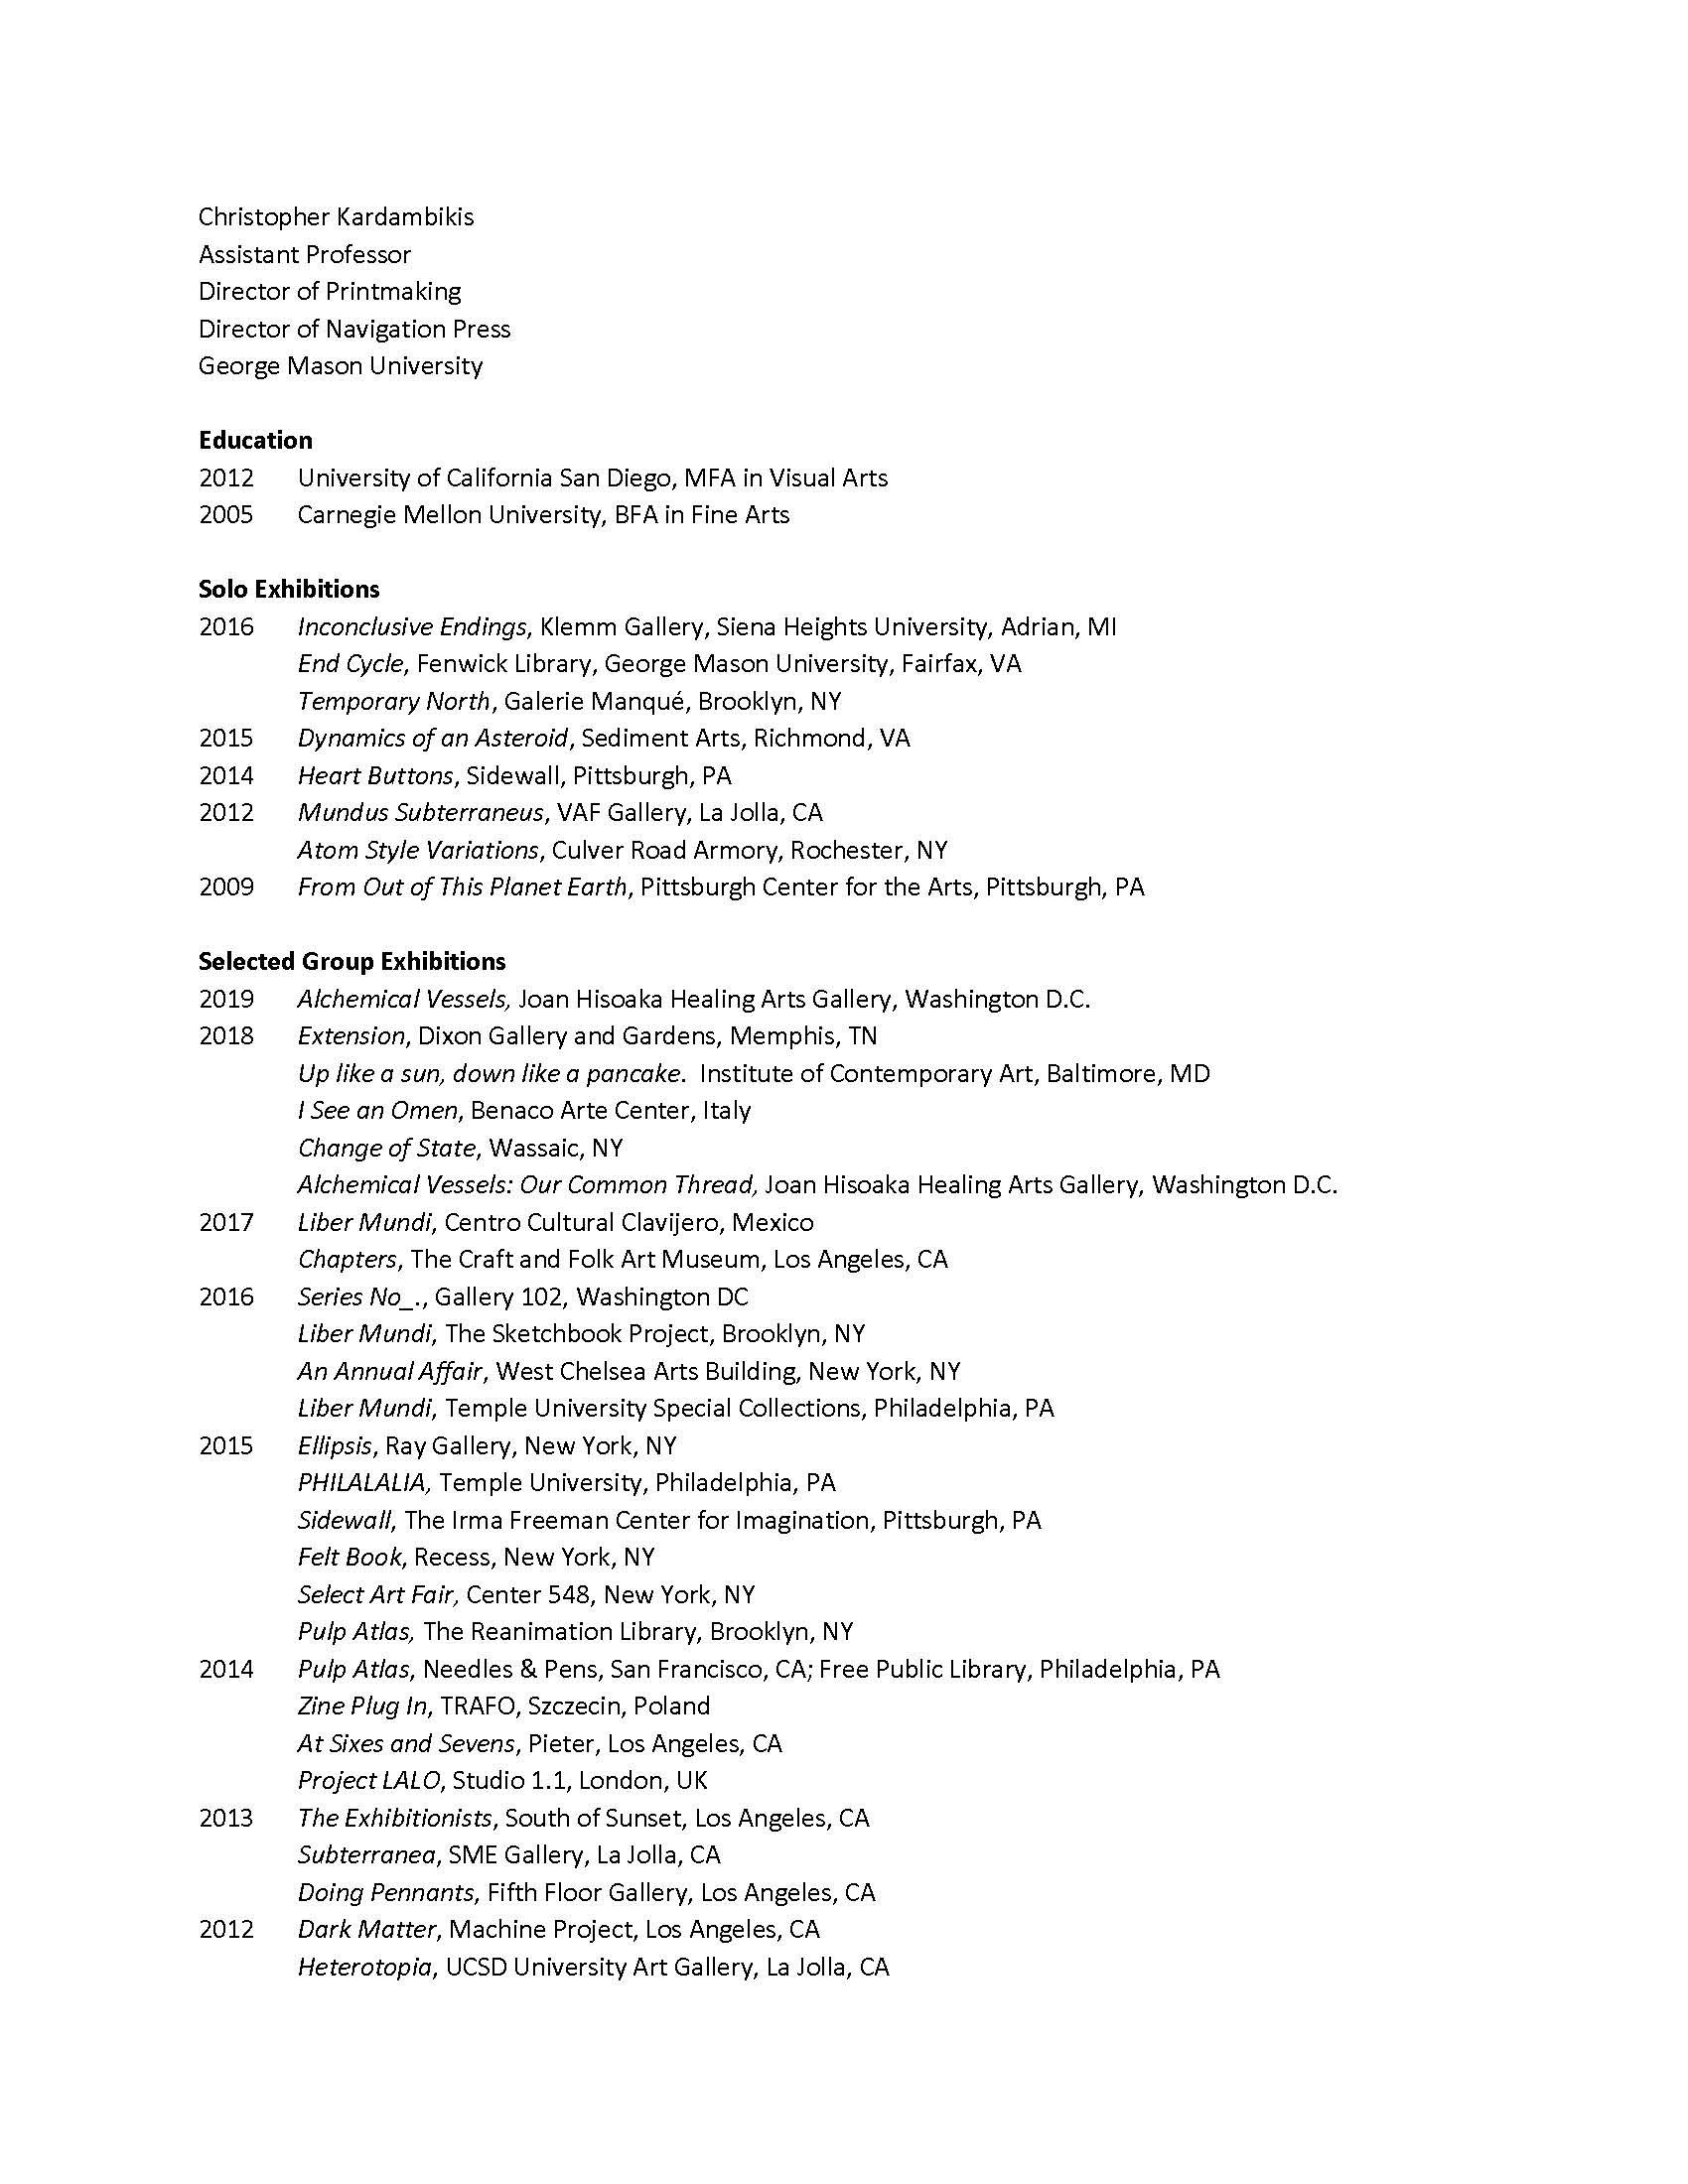 CV_Page_1.jpg